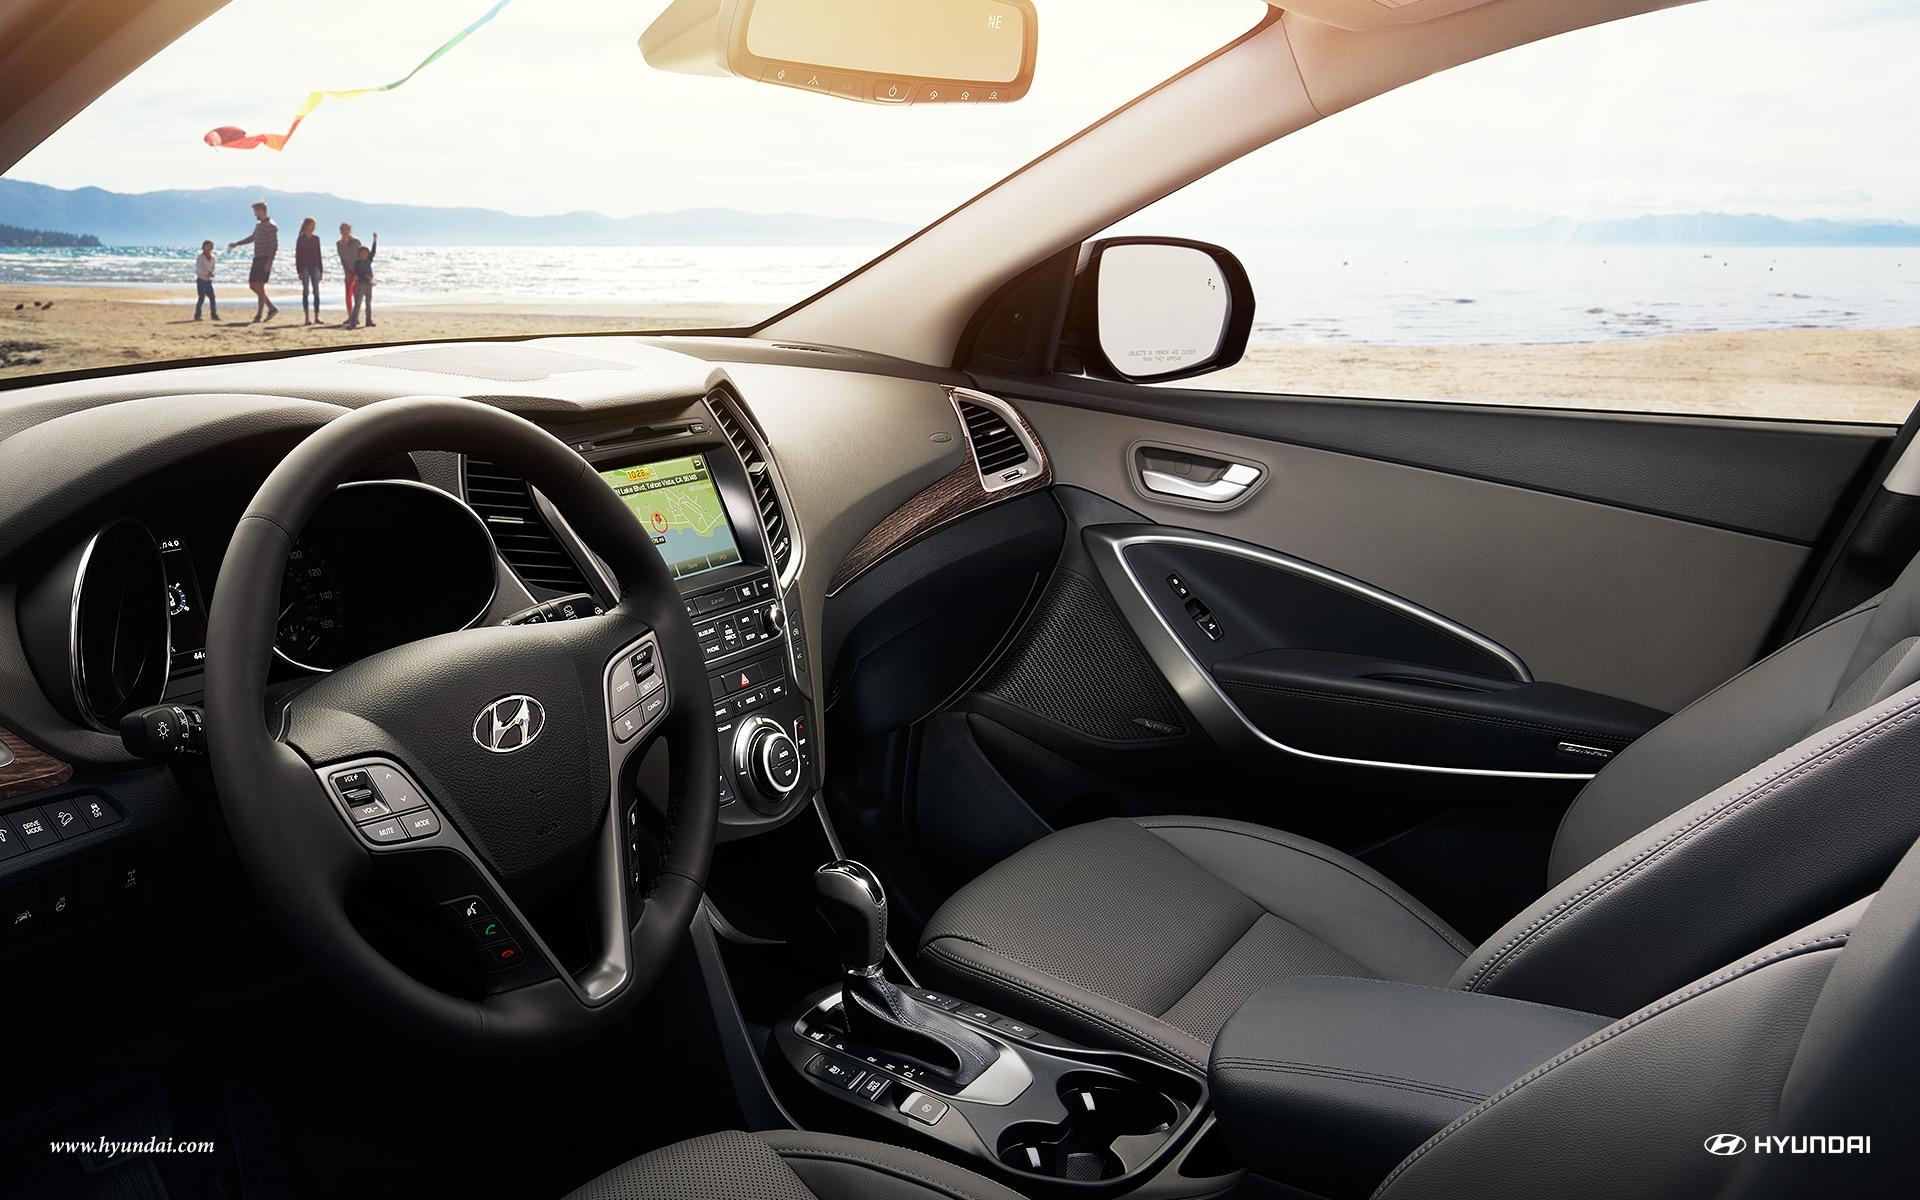 2017 hyundai santa fe sport near jackson ms hyundai dealer - Hyundai santa fe sport interior photos ...